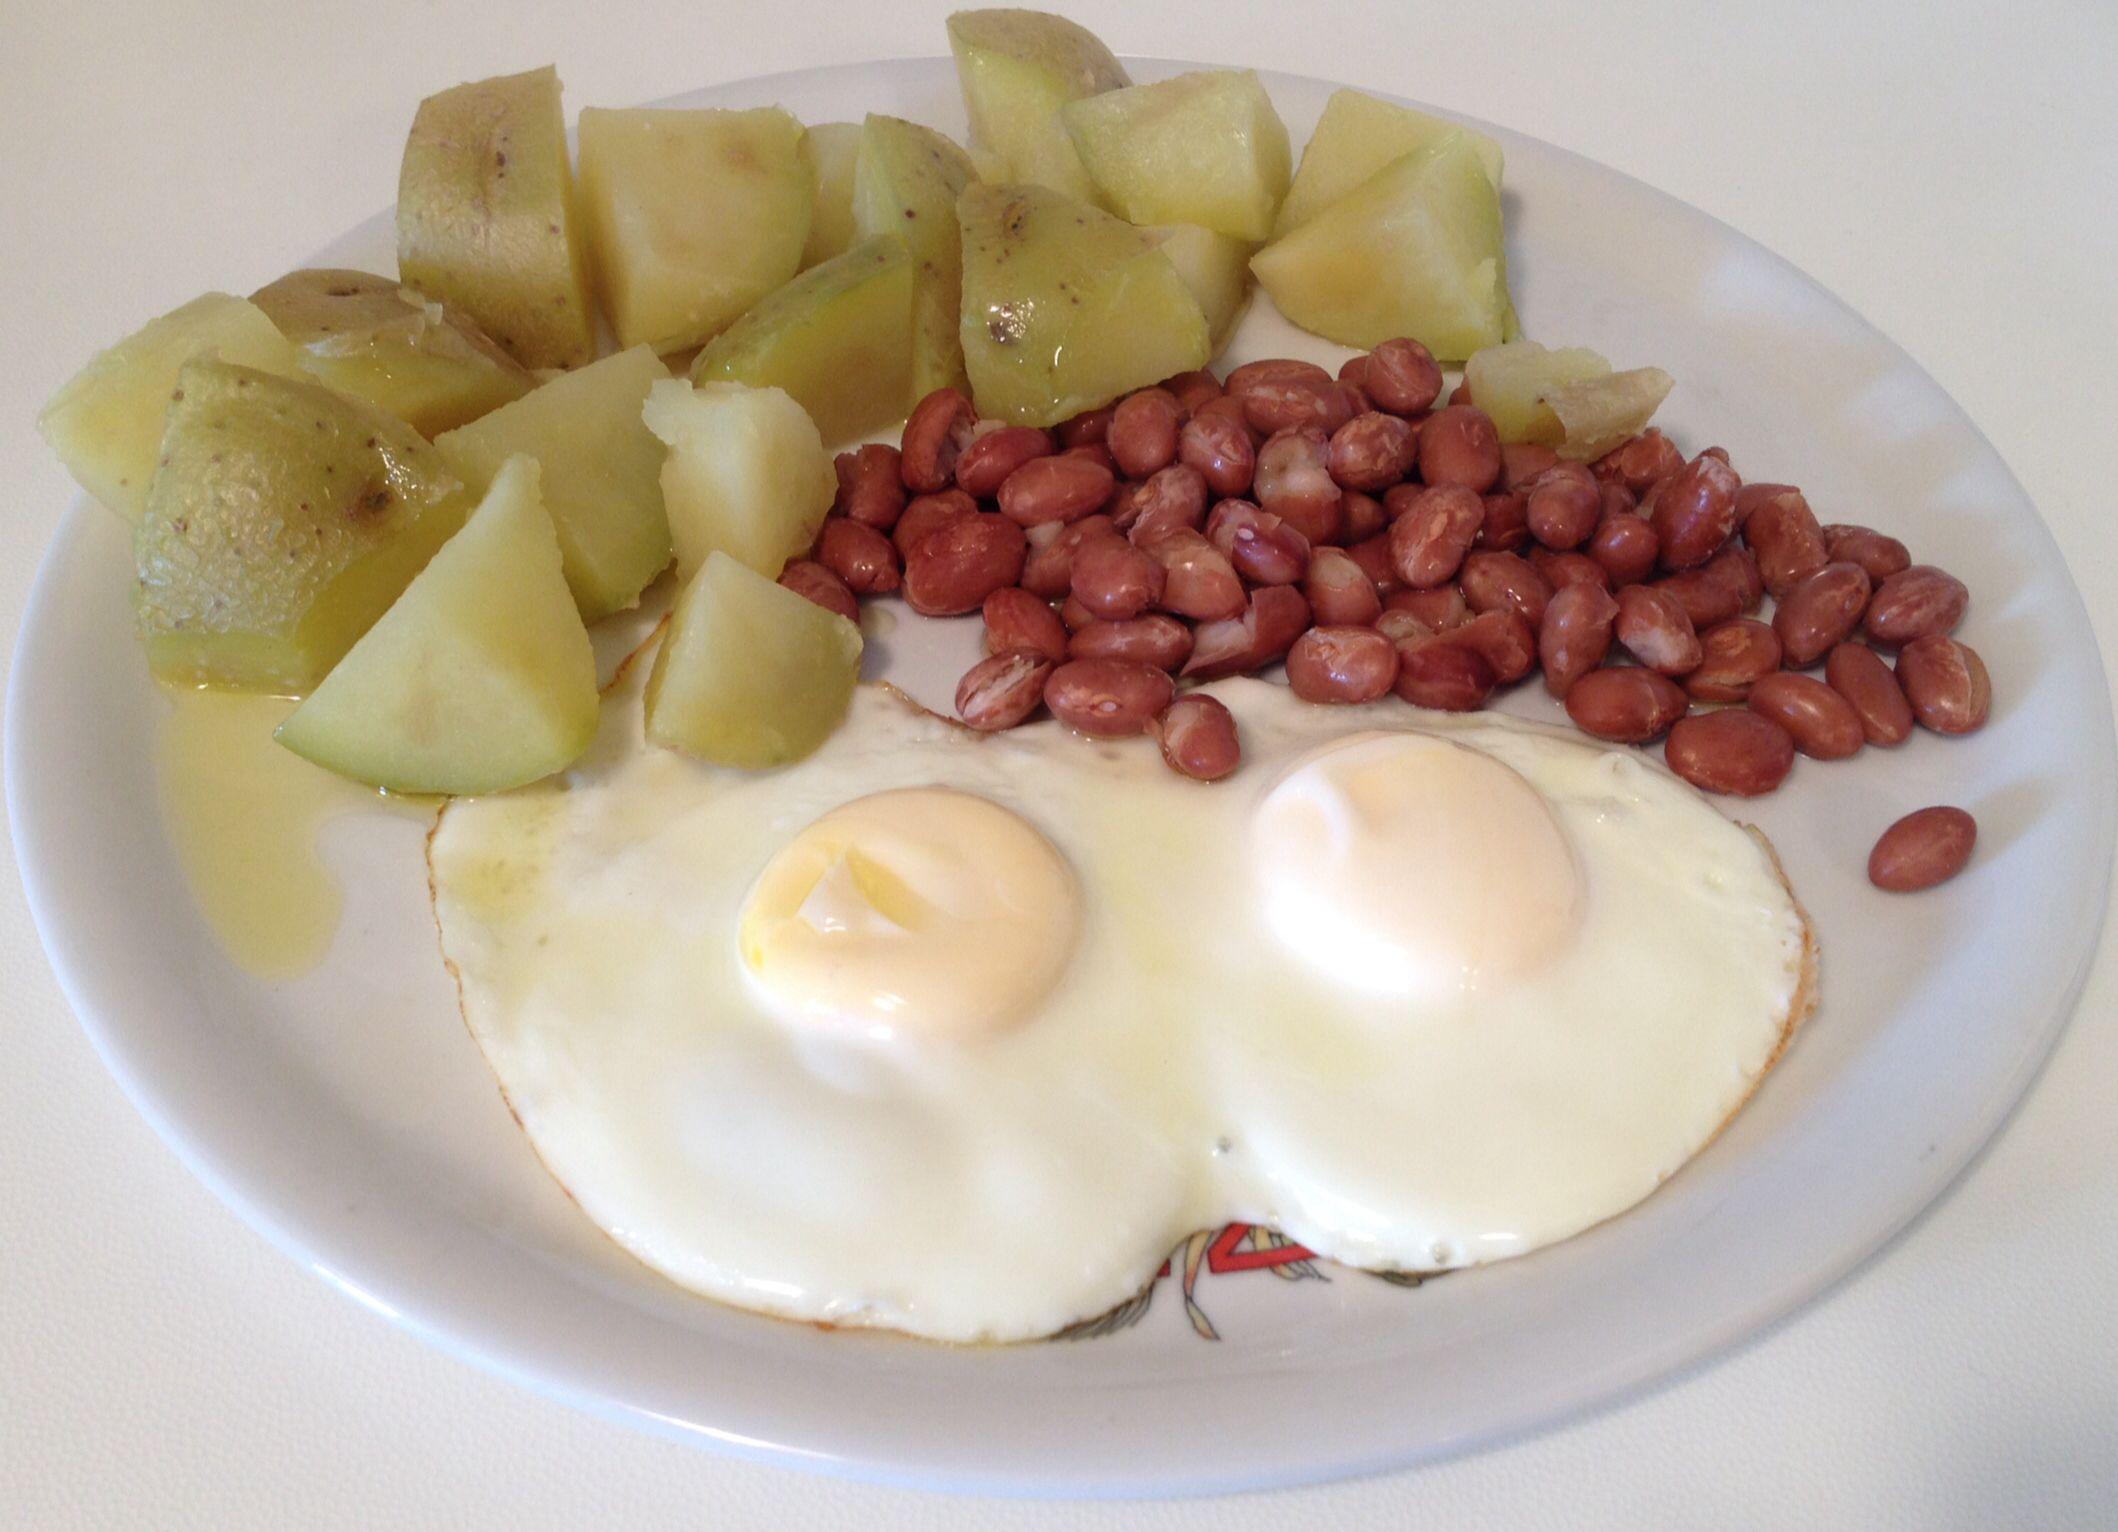 Pranzo con patate al vapore, uova intere e fagioli in padella. Valida fonte di #carboidrati, miscela di #proteine animali e vegetali che formano una proteina di eccellente #valore #biologico, grassi #saturi e #insaturi insieme